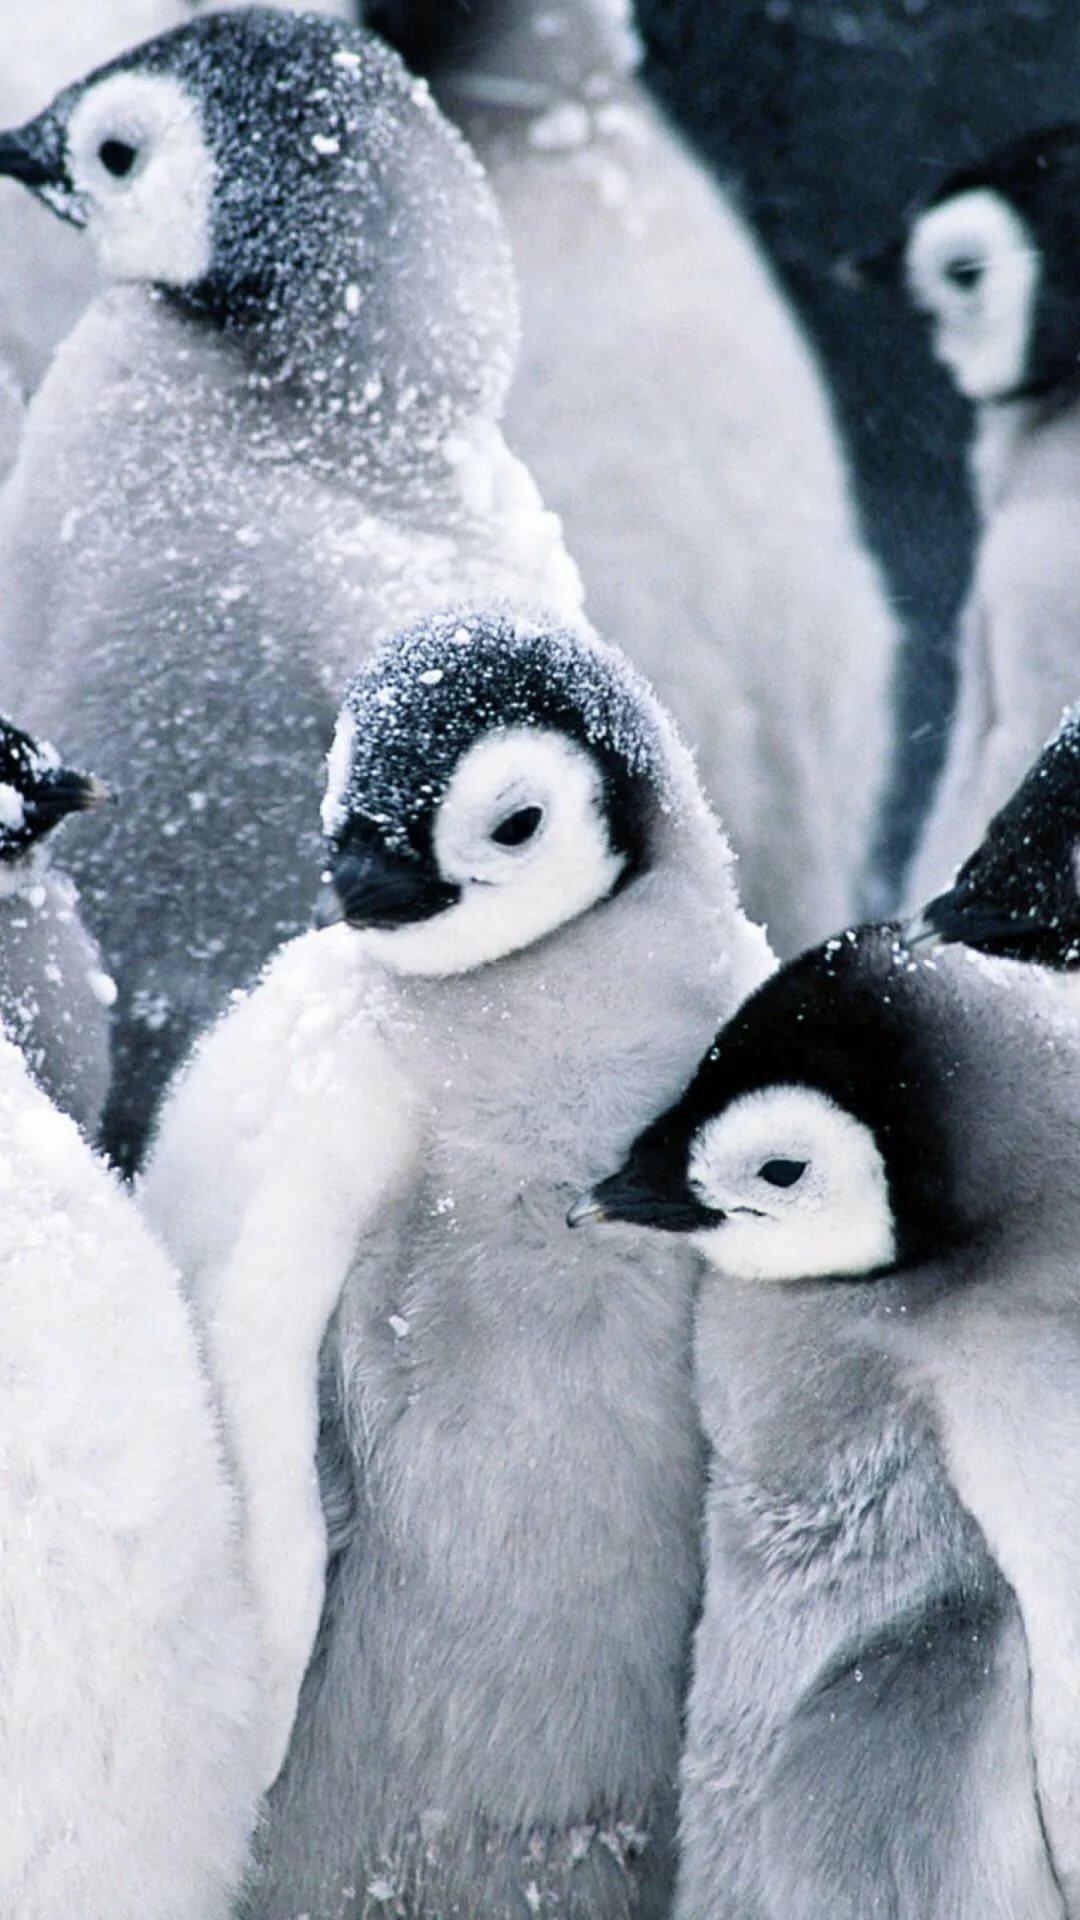 пингвин картинка на телефон встречается редко, при